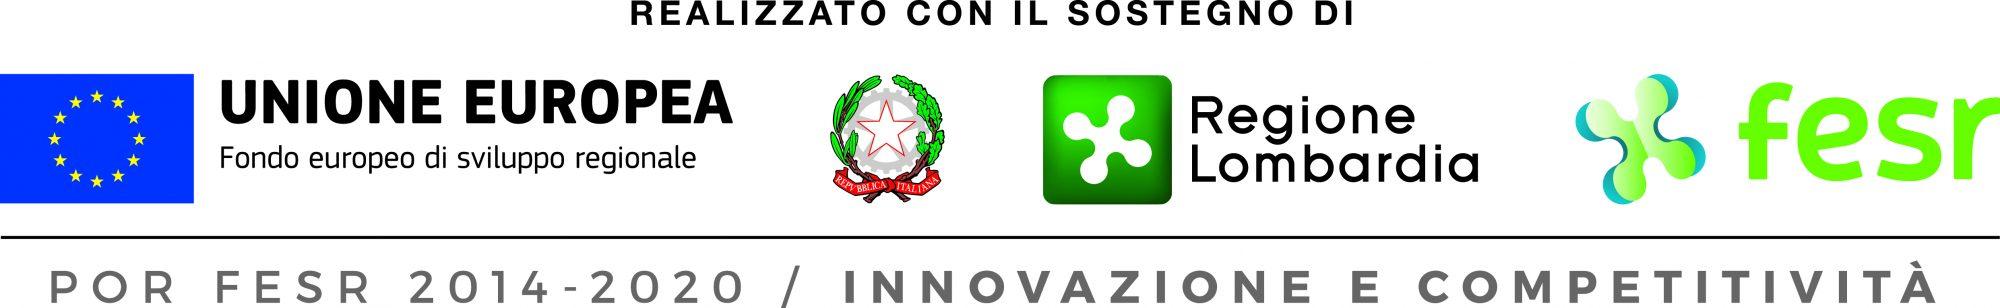 FESR Regione Lombardia